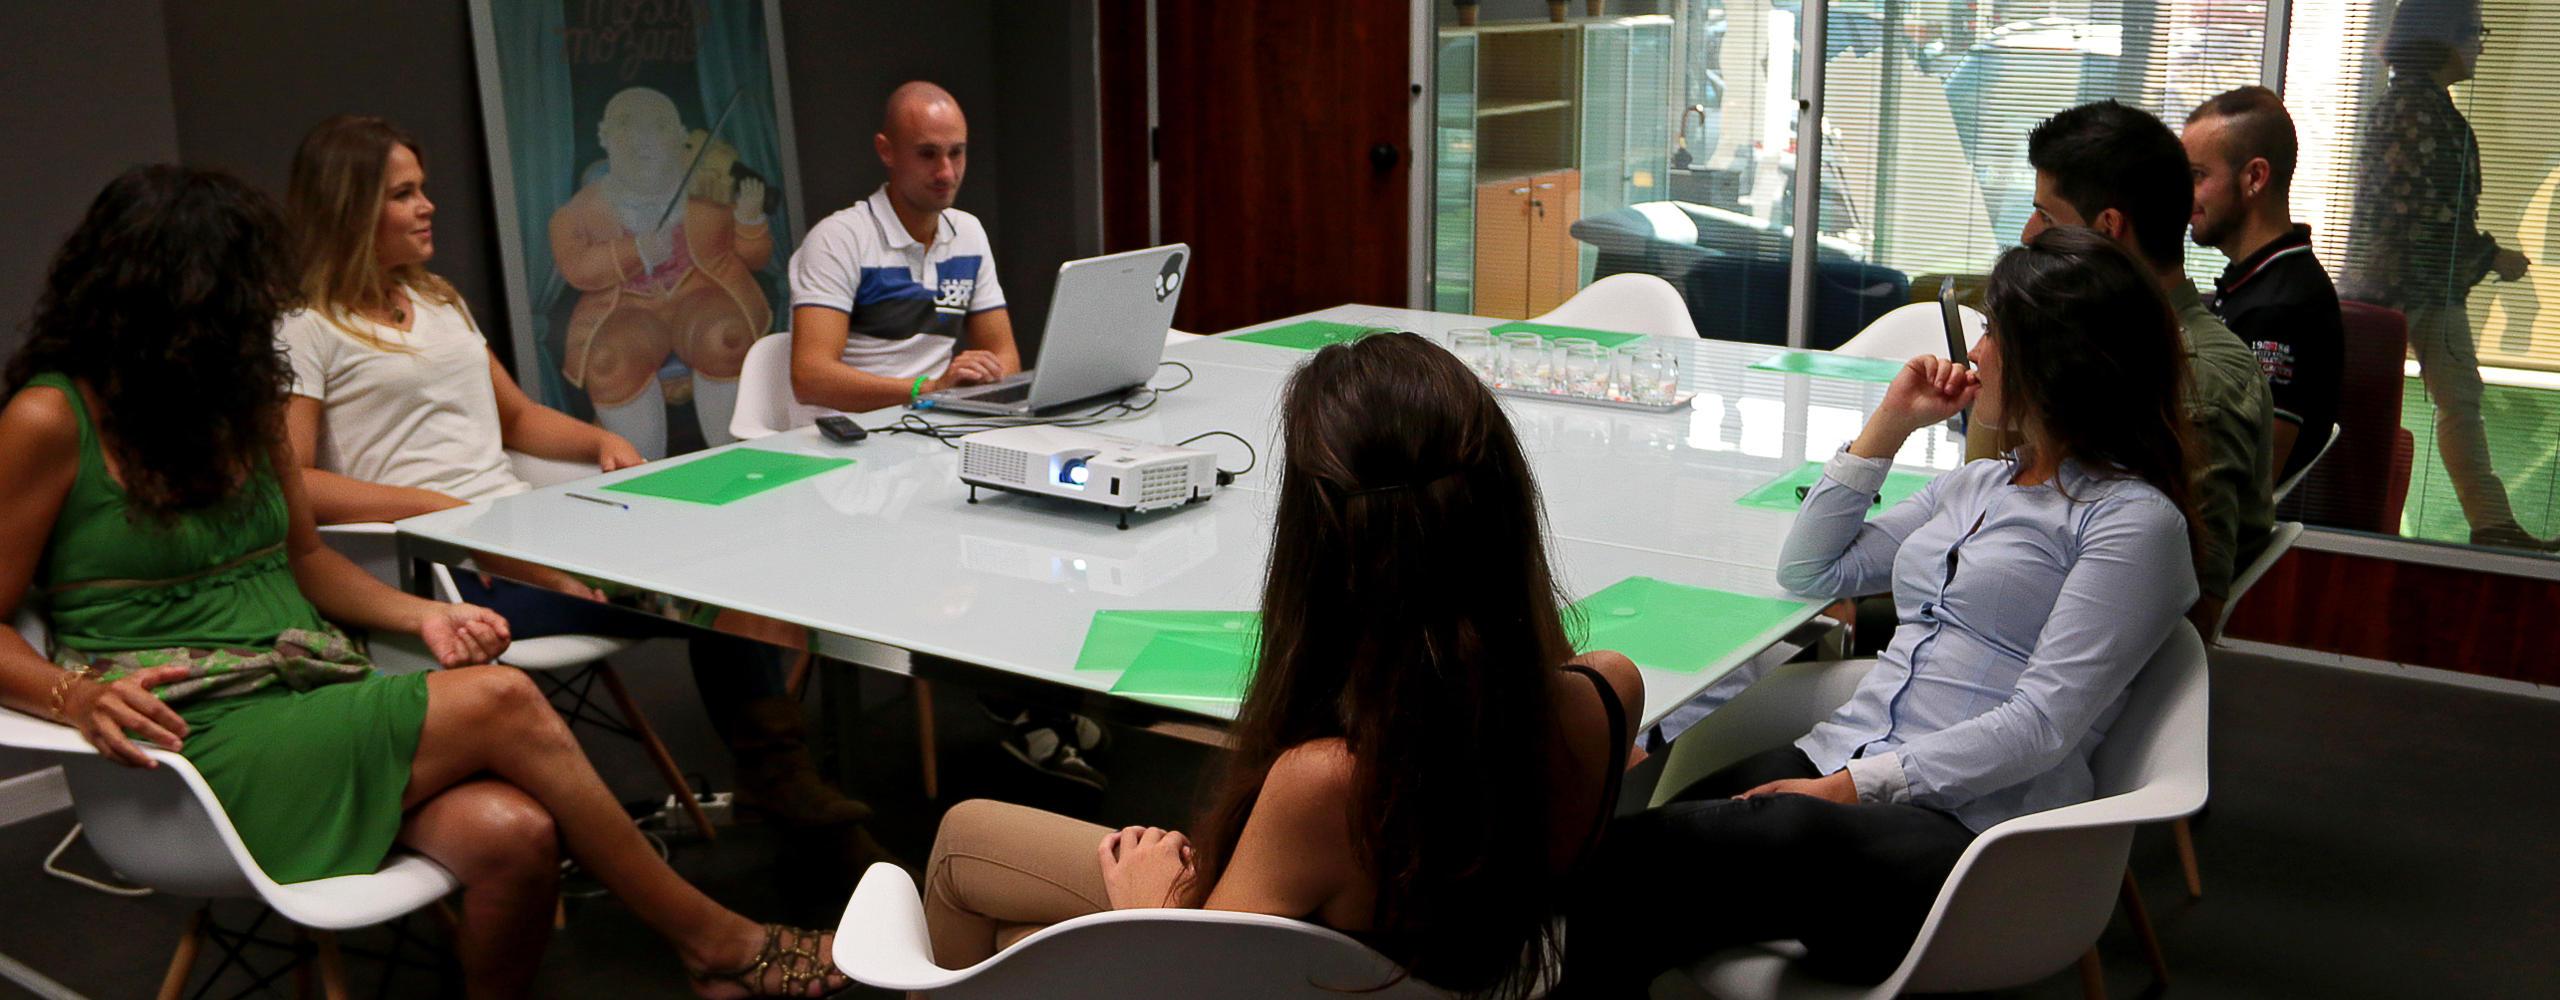 Coworking Orixe22 reunión en sala 1